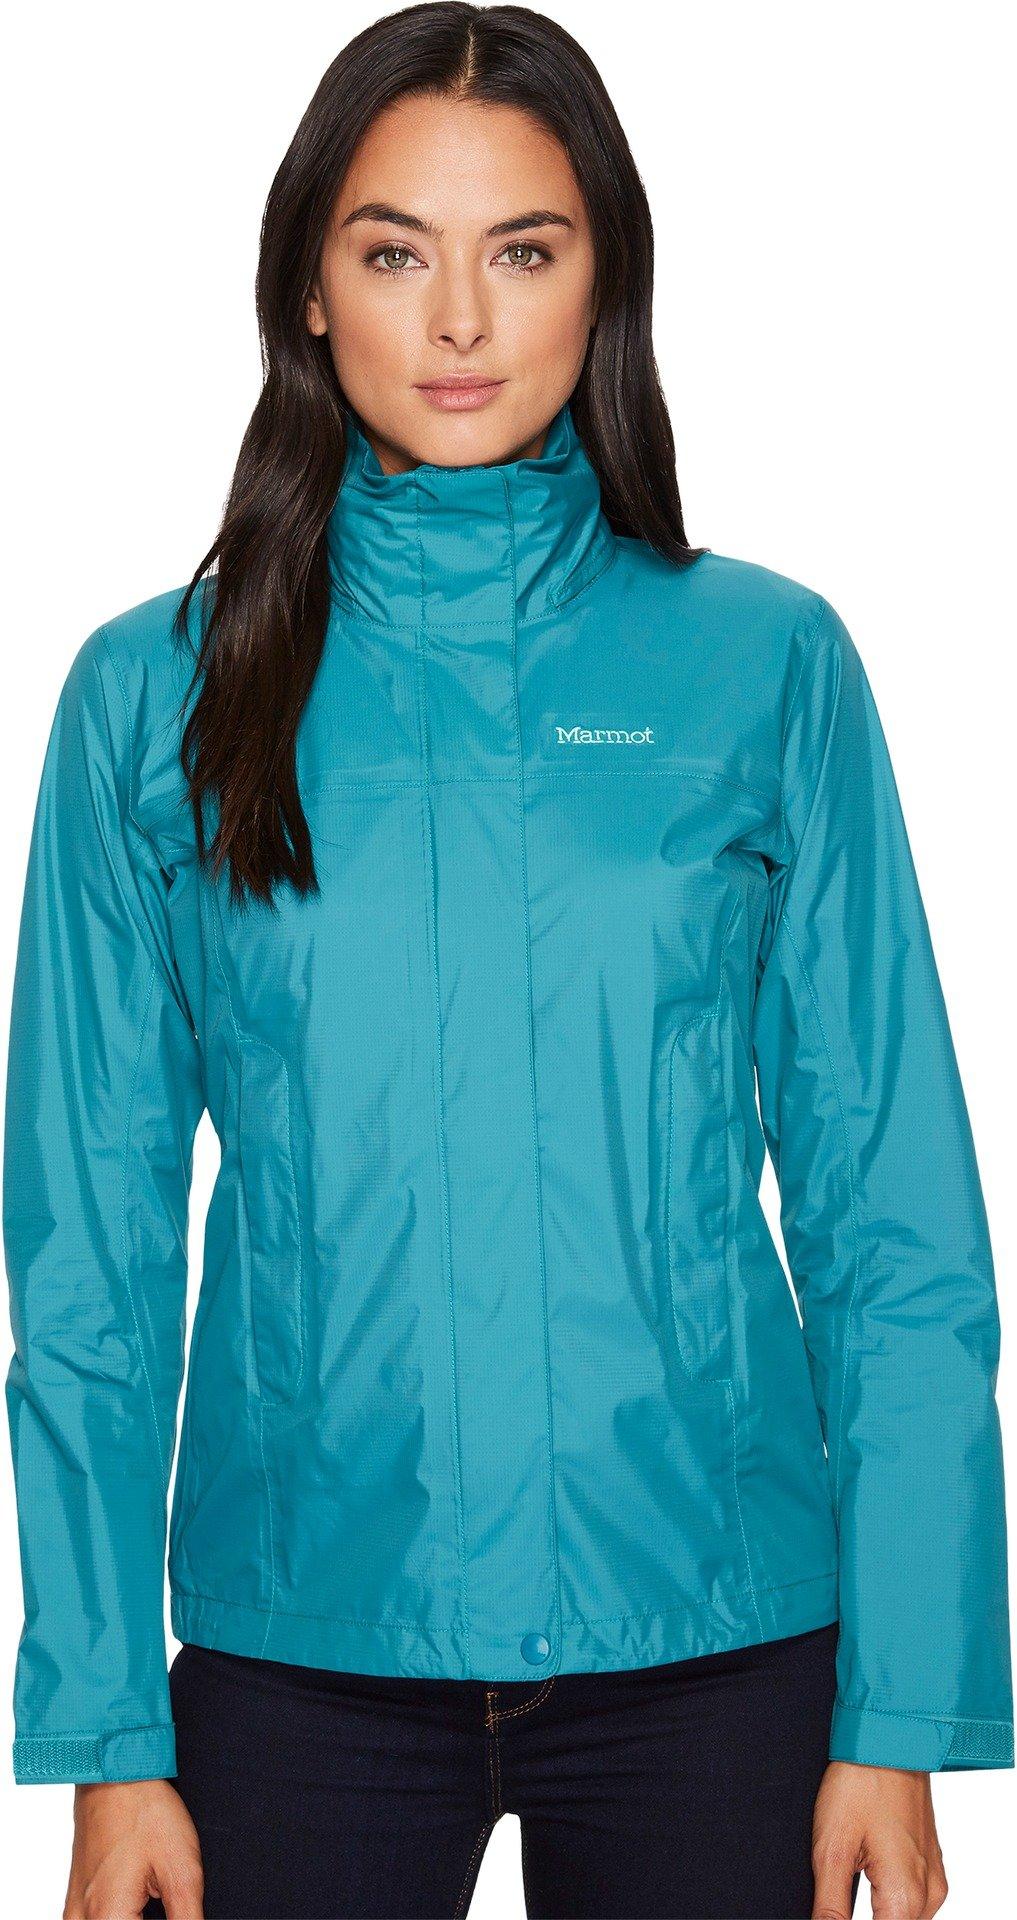 Marmot Women's PreCip Jacket Deep Lake Medium